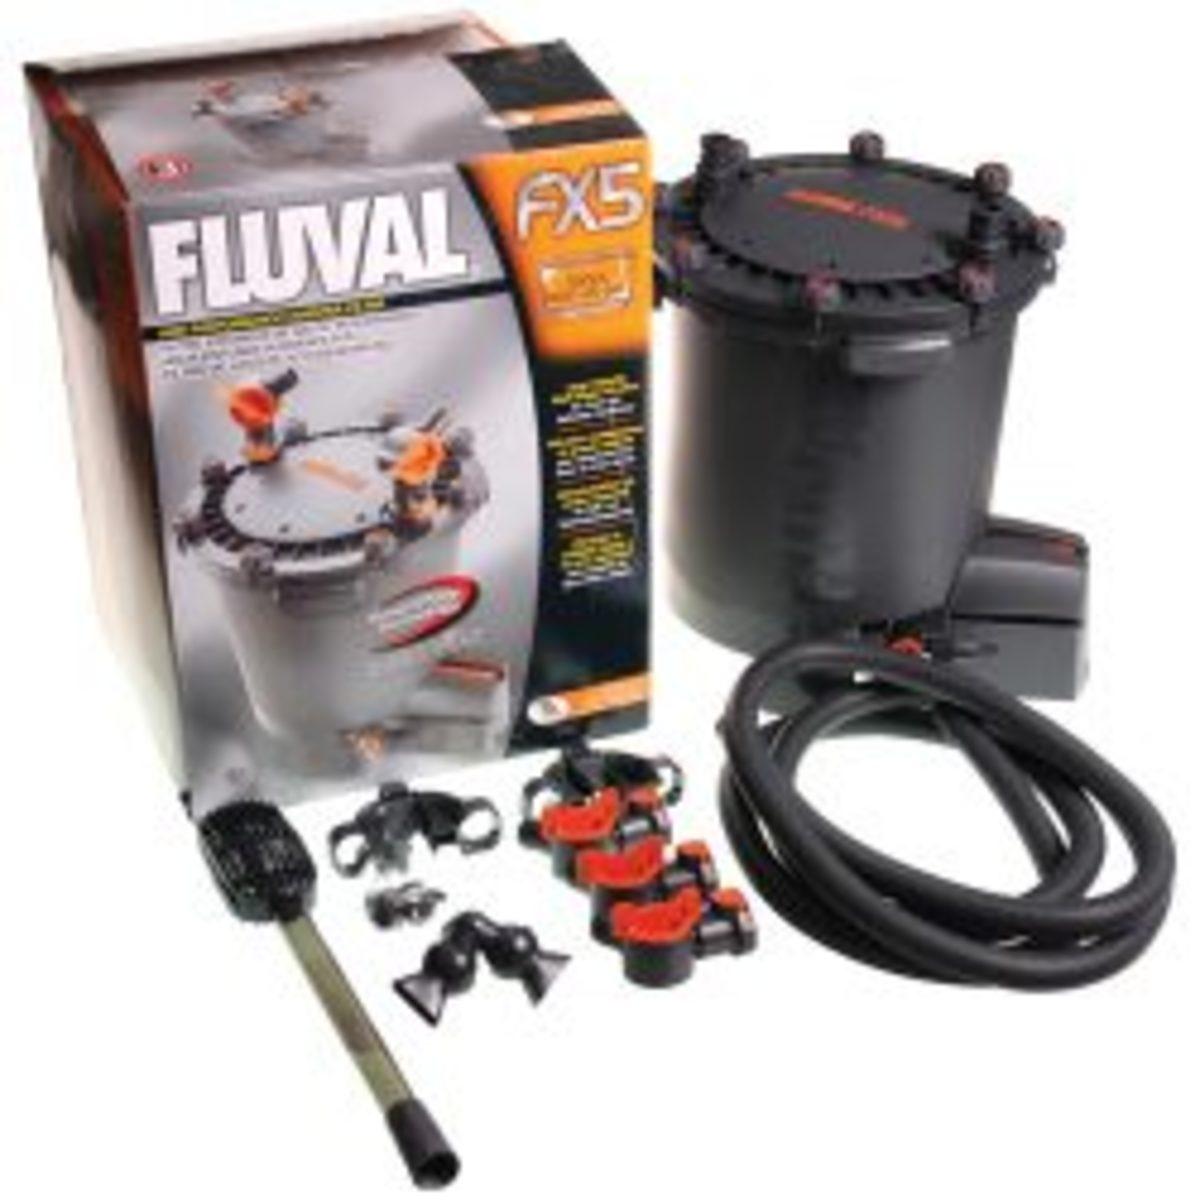 Fluval FX5 Filter System